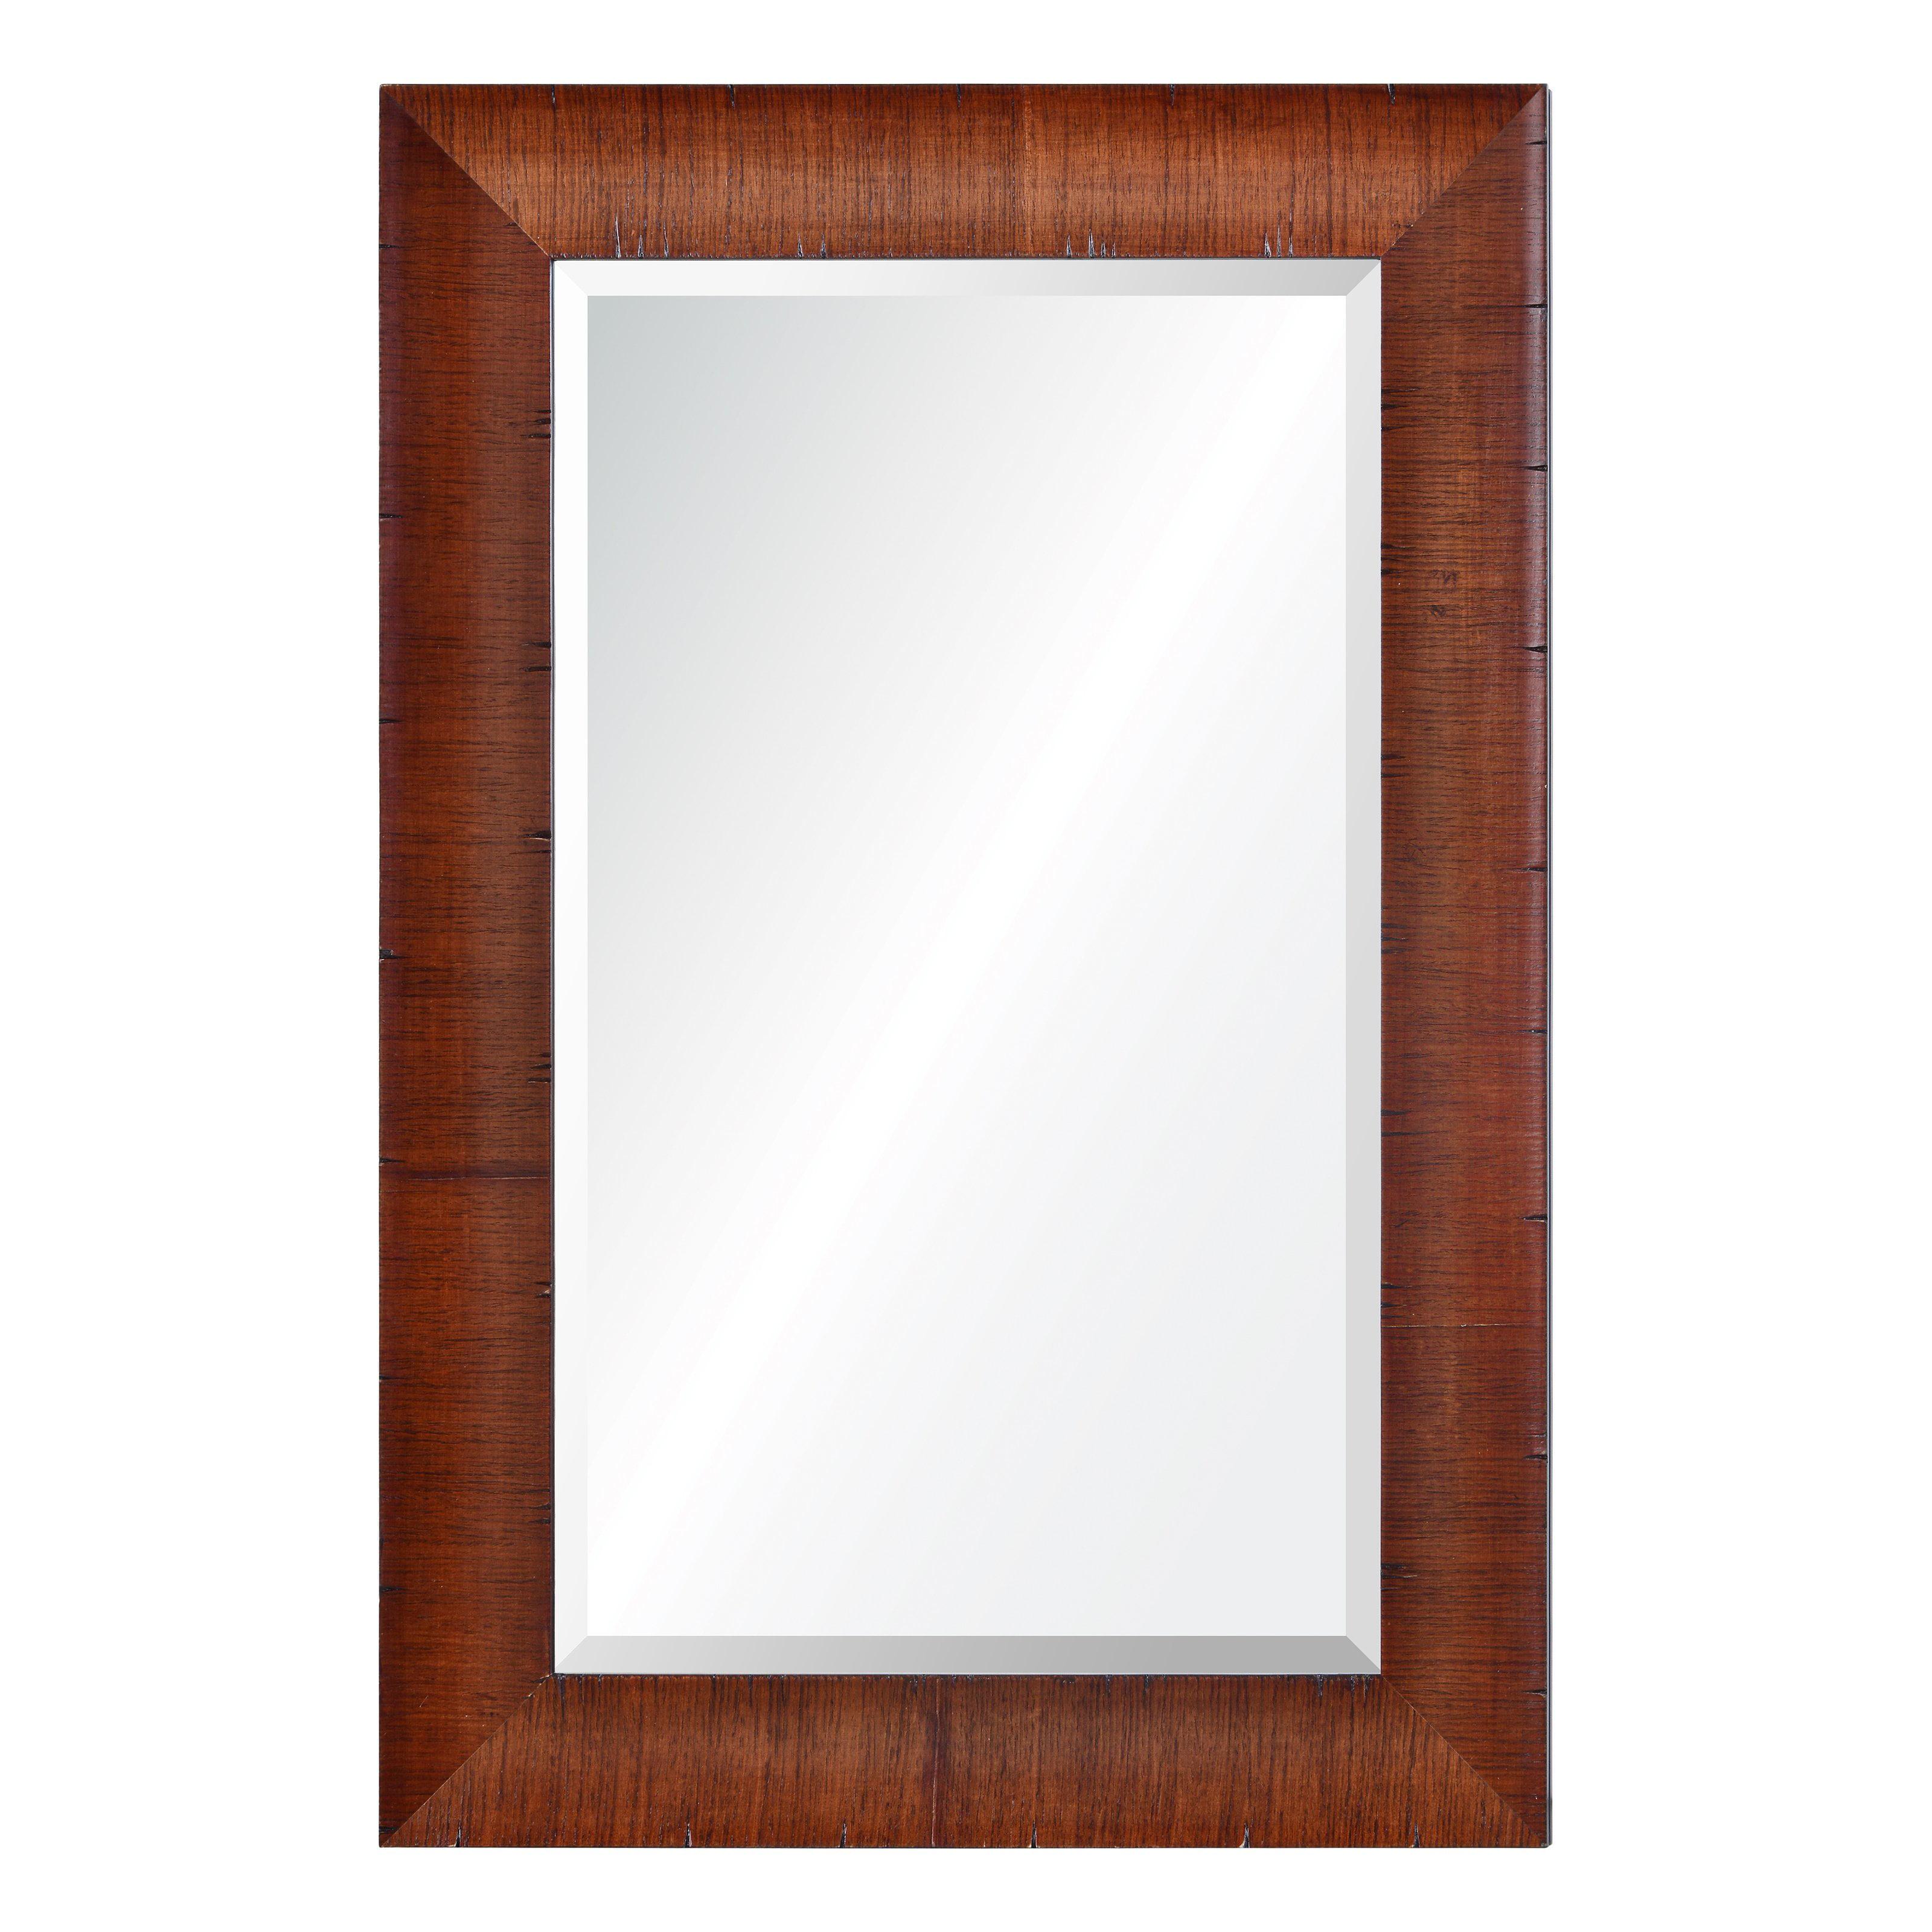 Cooper Classics Moran Wall Mirror by Cooper Classics